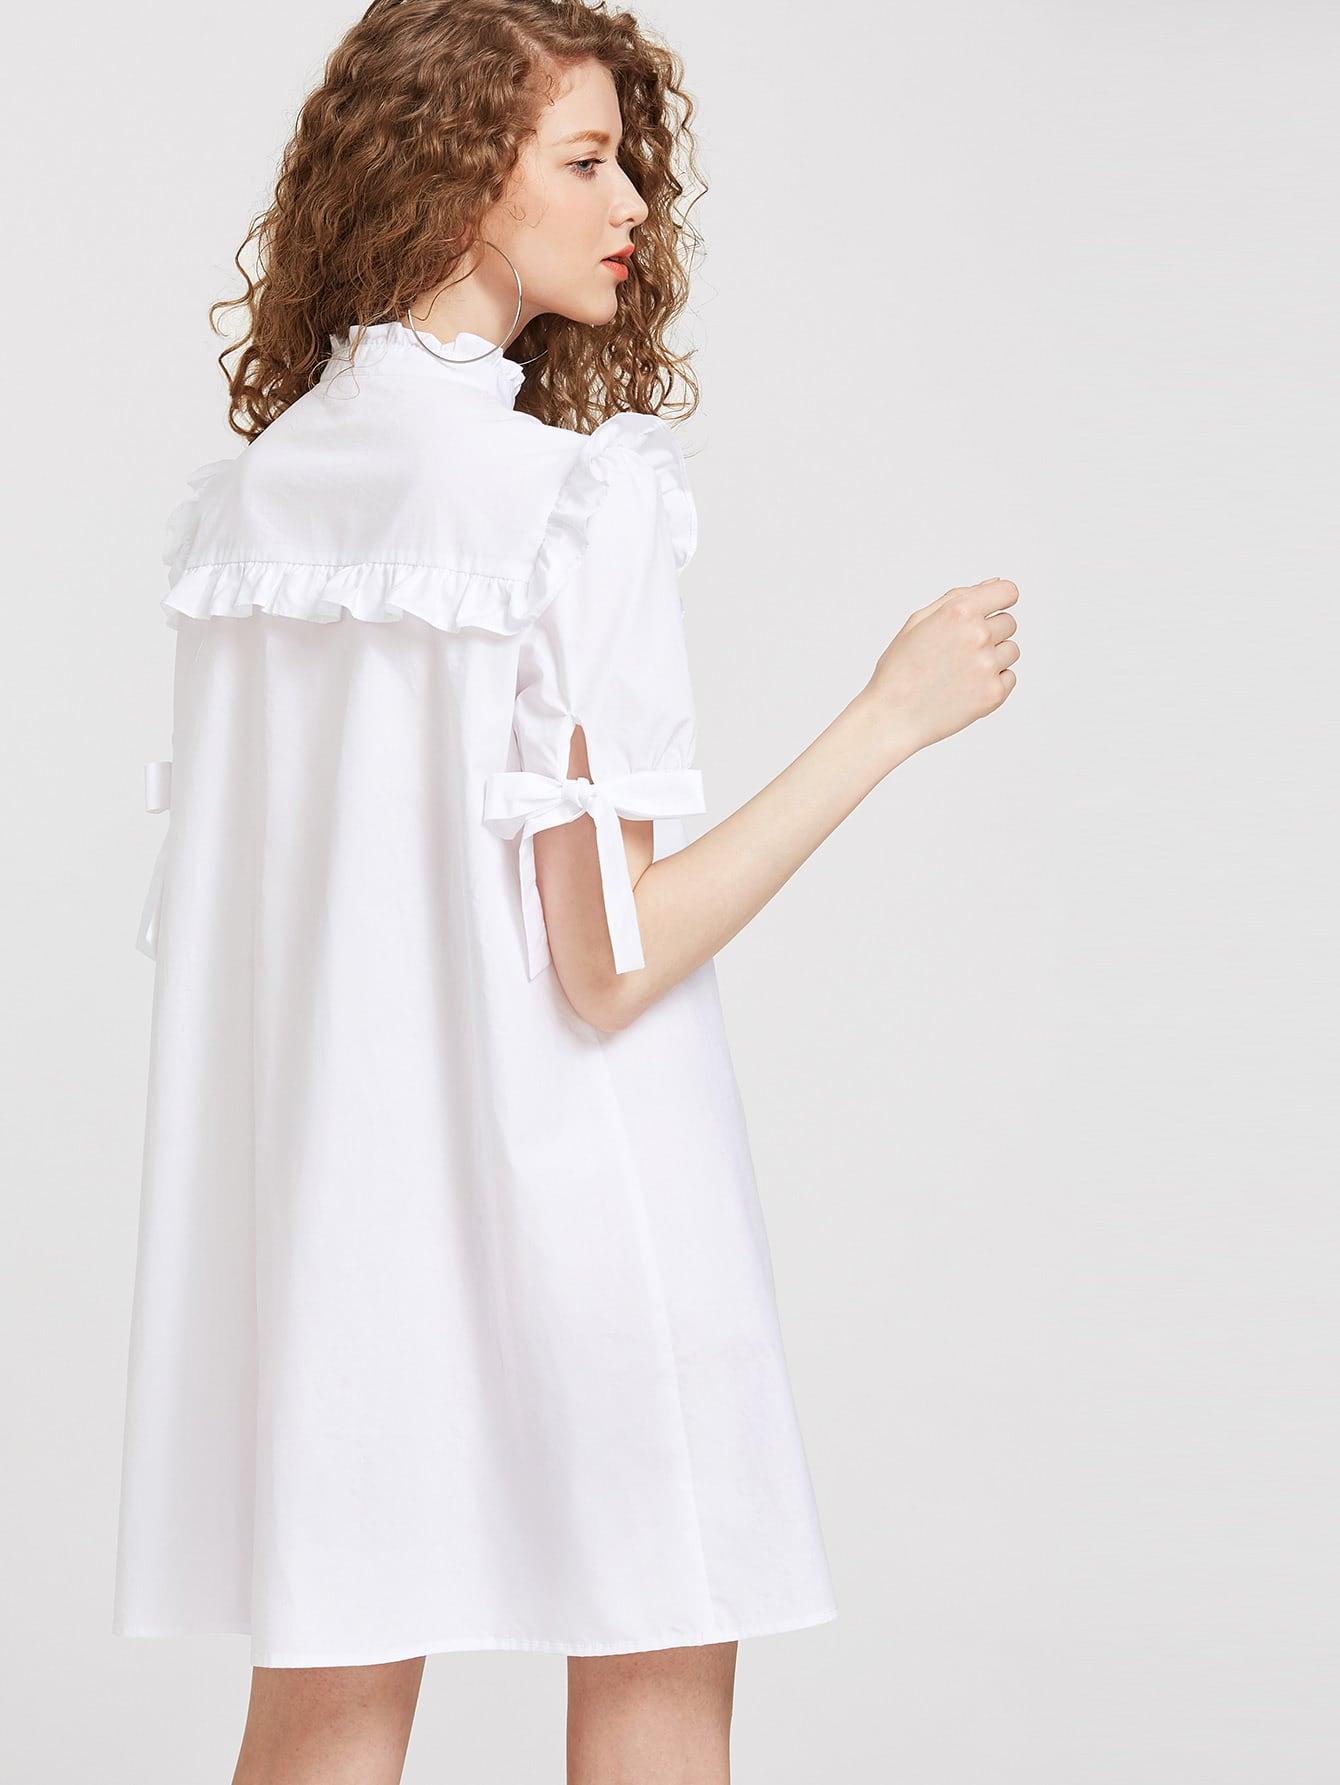 dress170327703_2